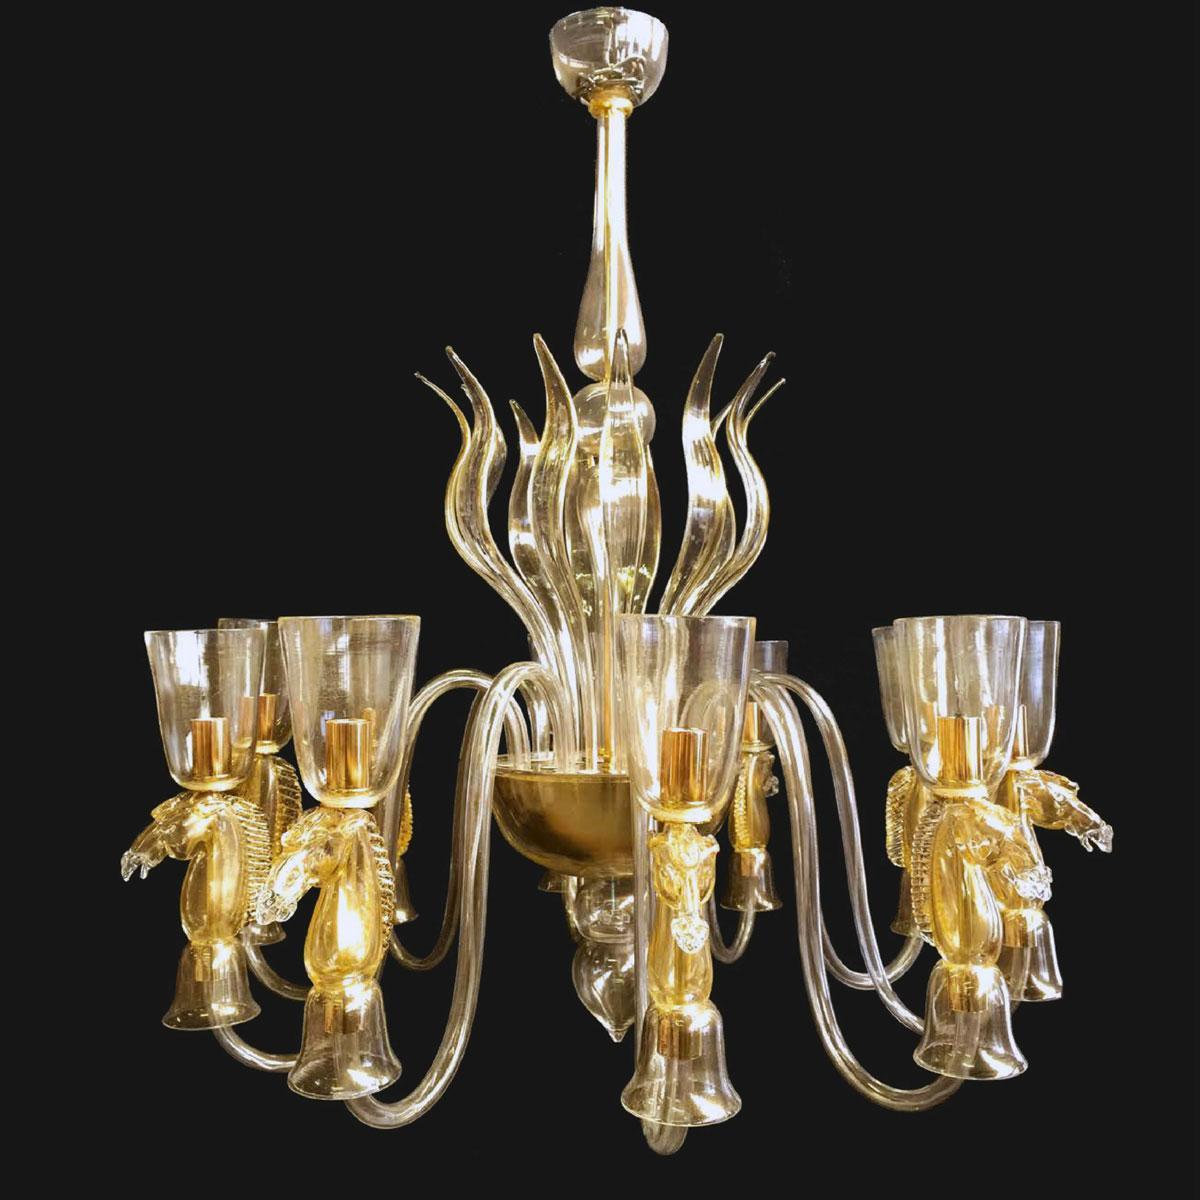 """""""Delilah"""" Murano glass chandelier - 10 lights - gold"""